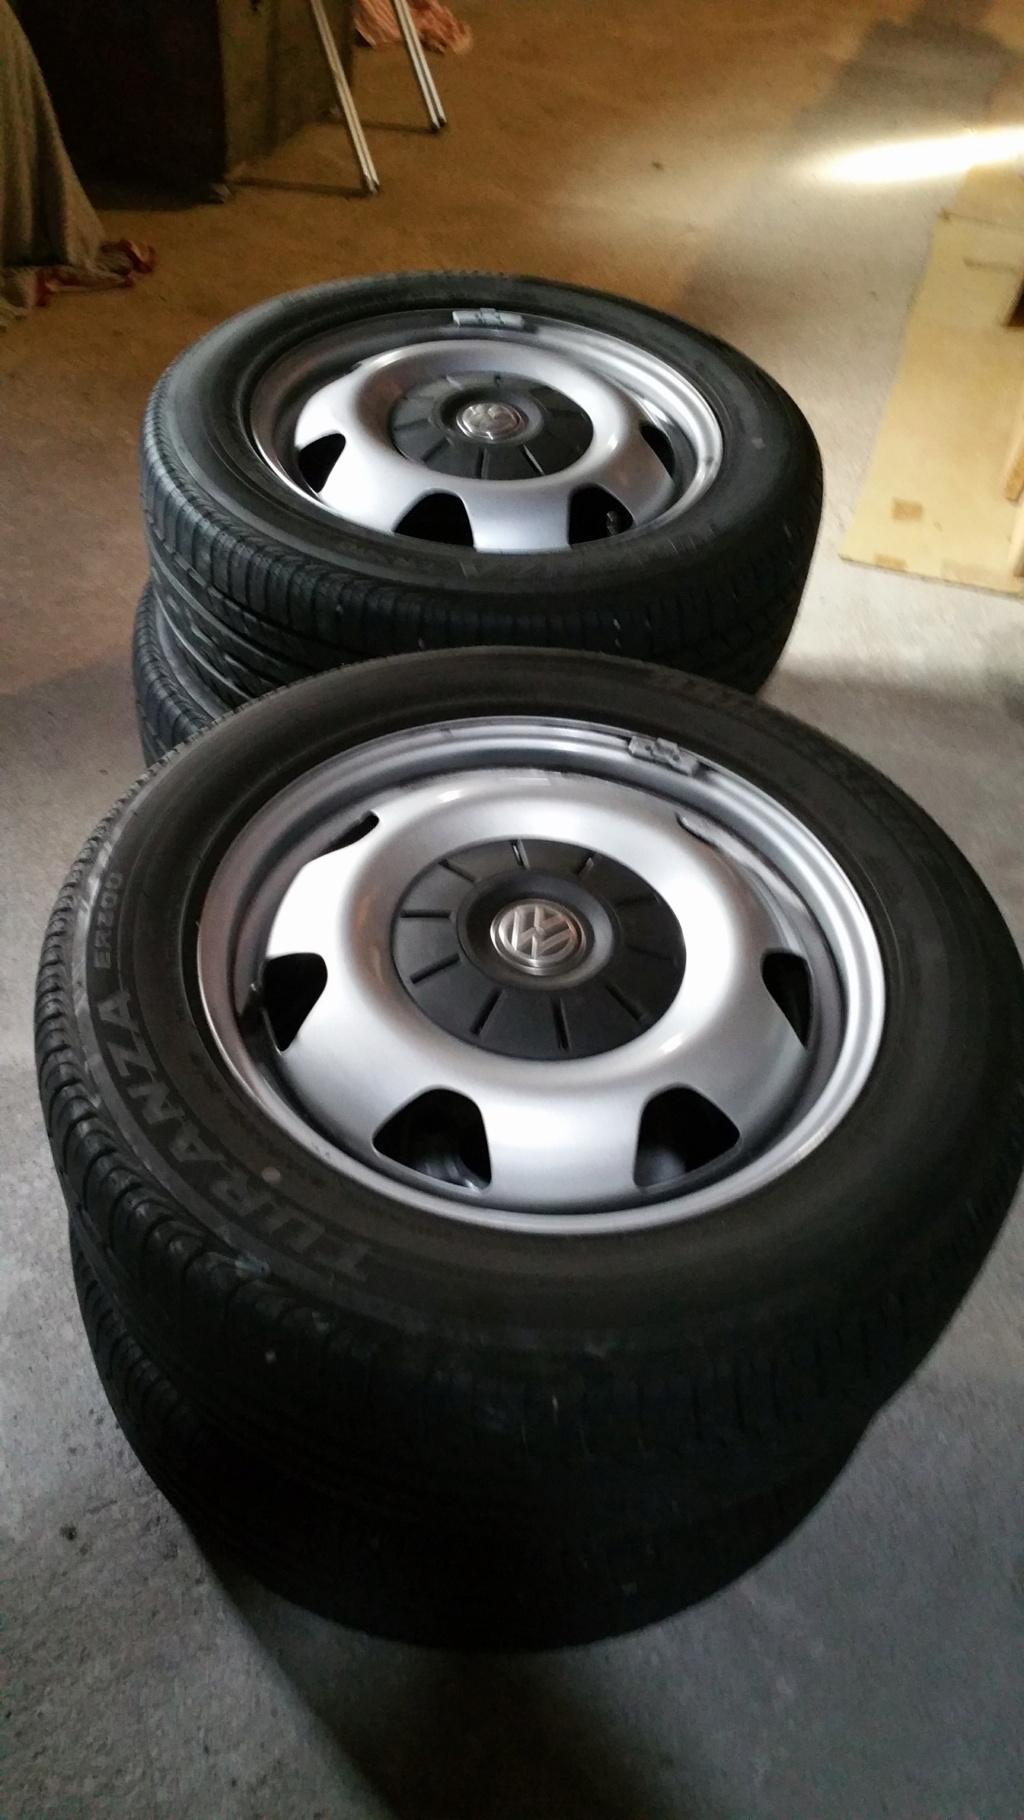 A vendre 4 roues T6 acier T6_17_10